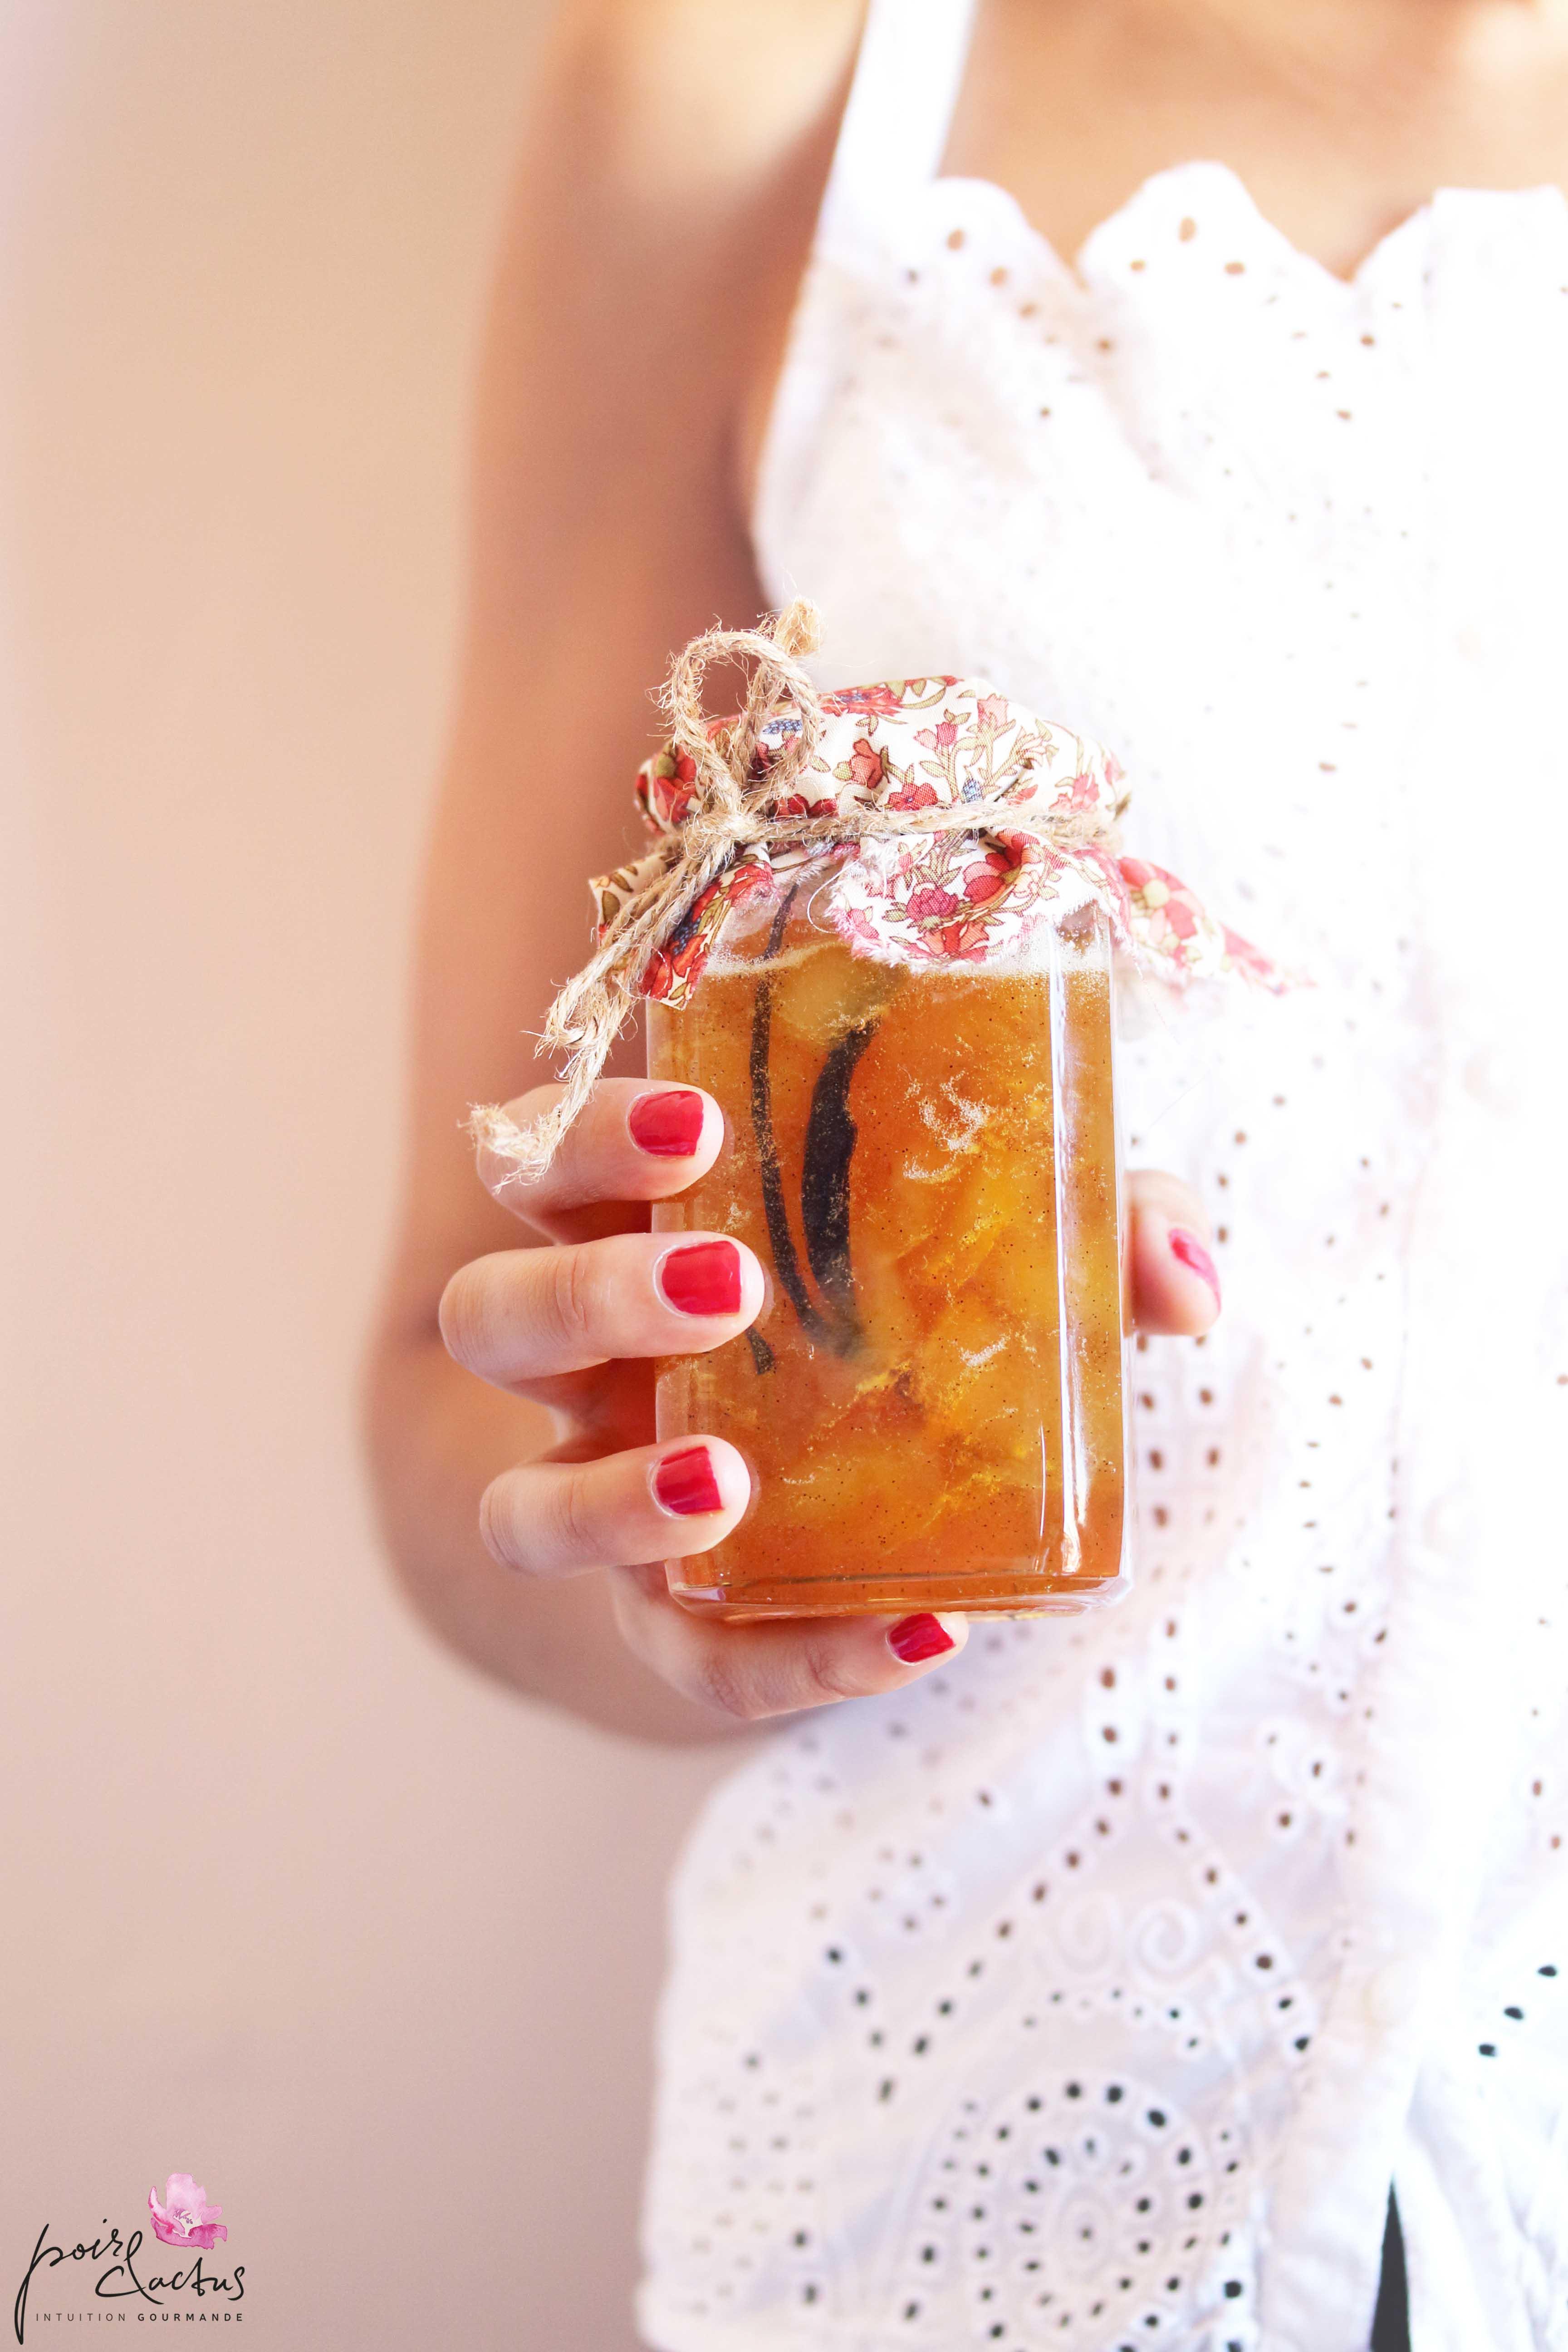 recette_confiture_melon_vanille_poiretcactus1